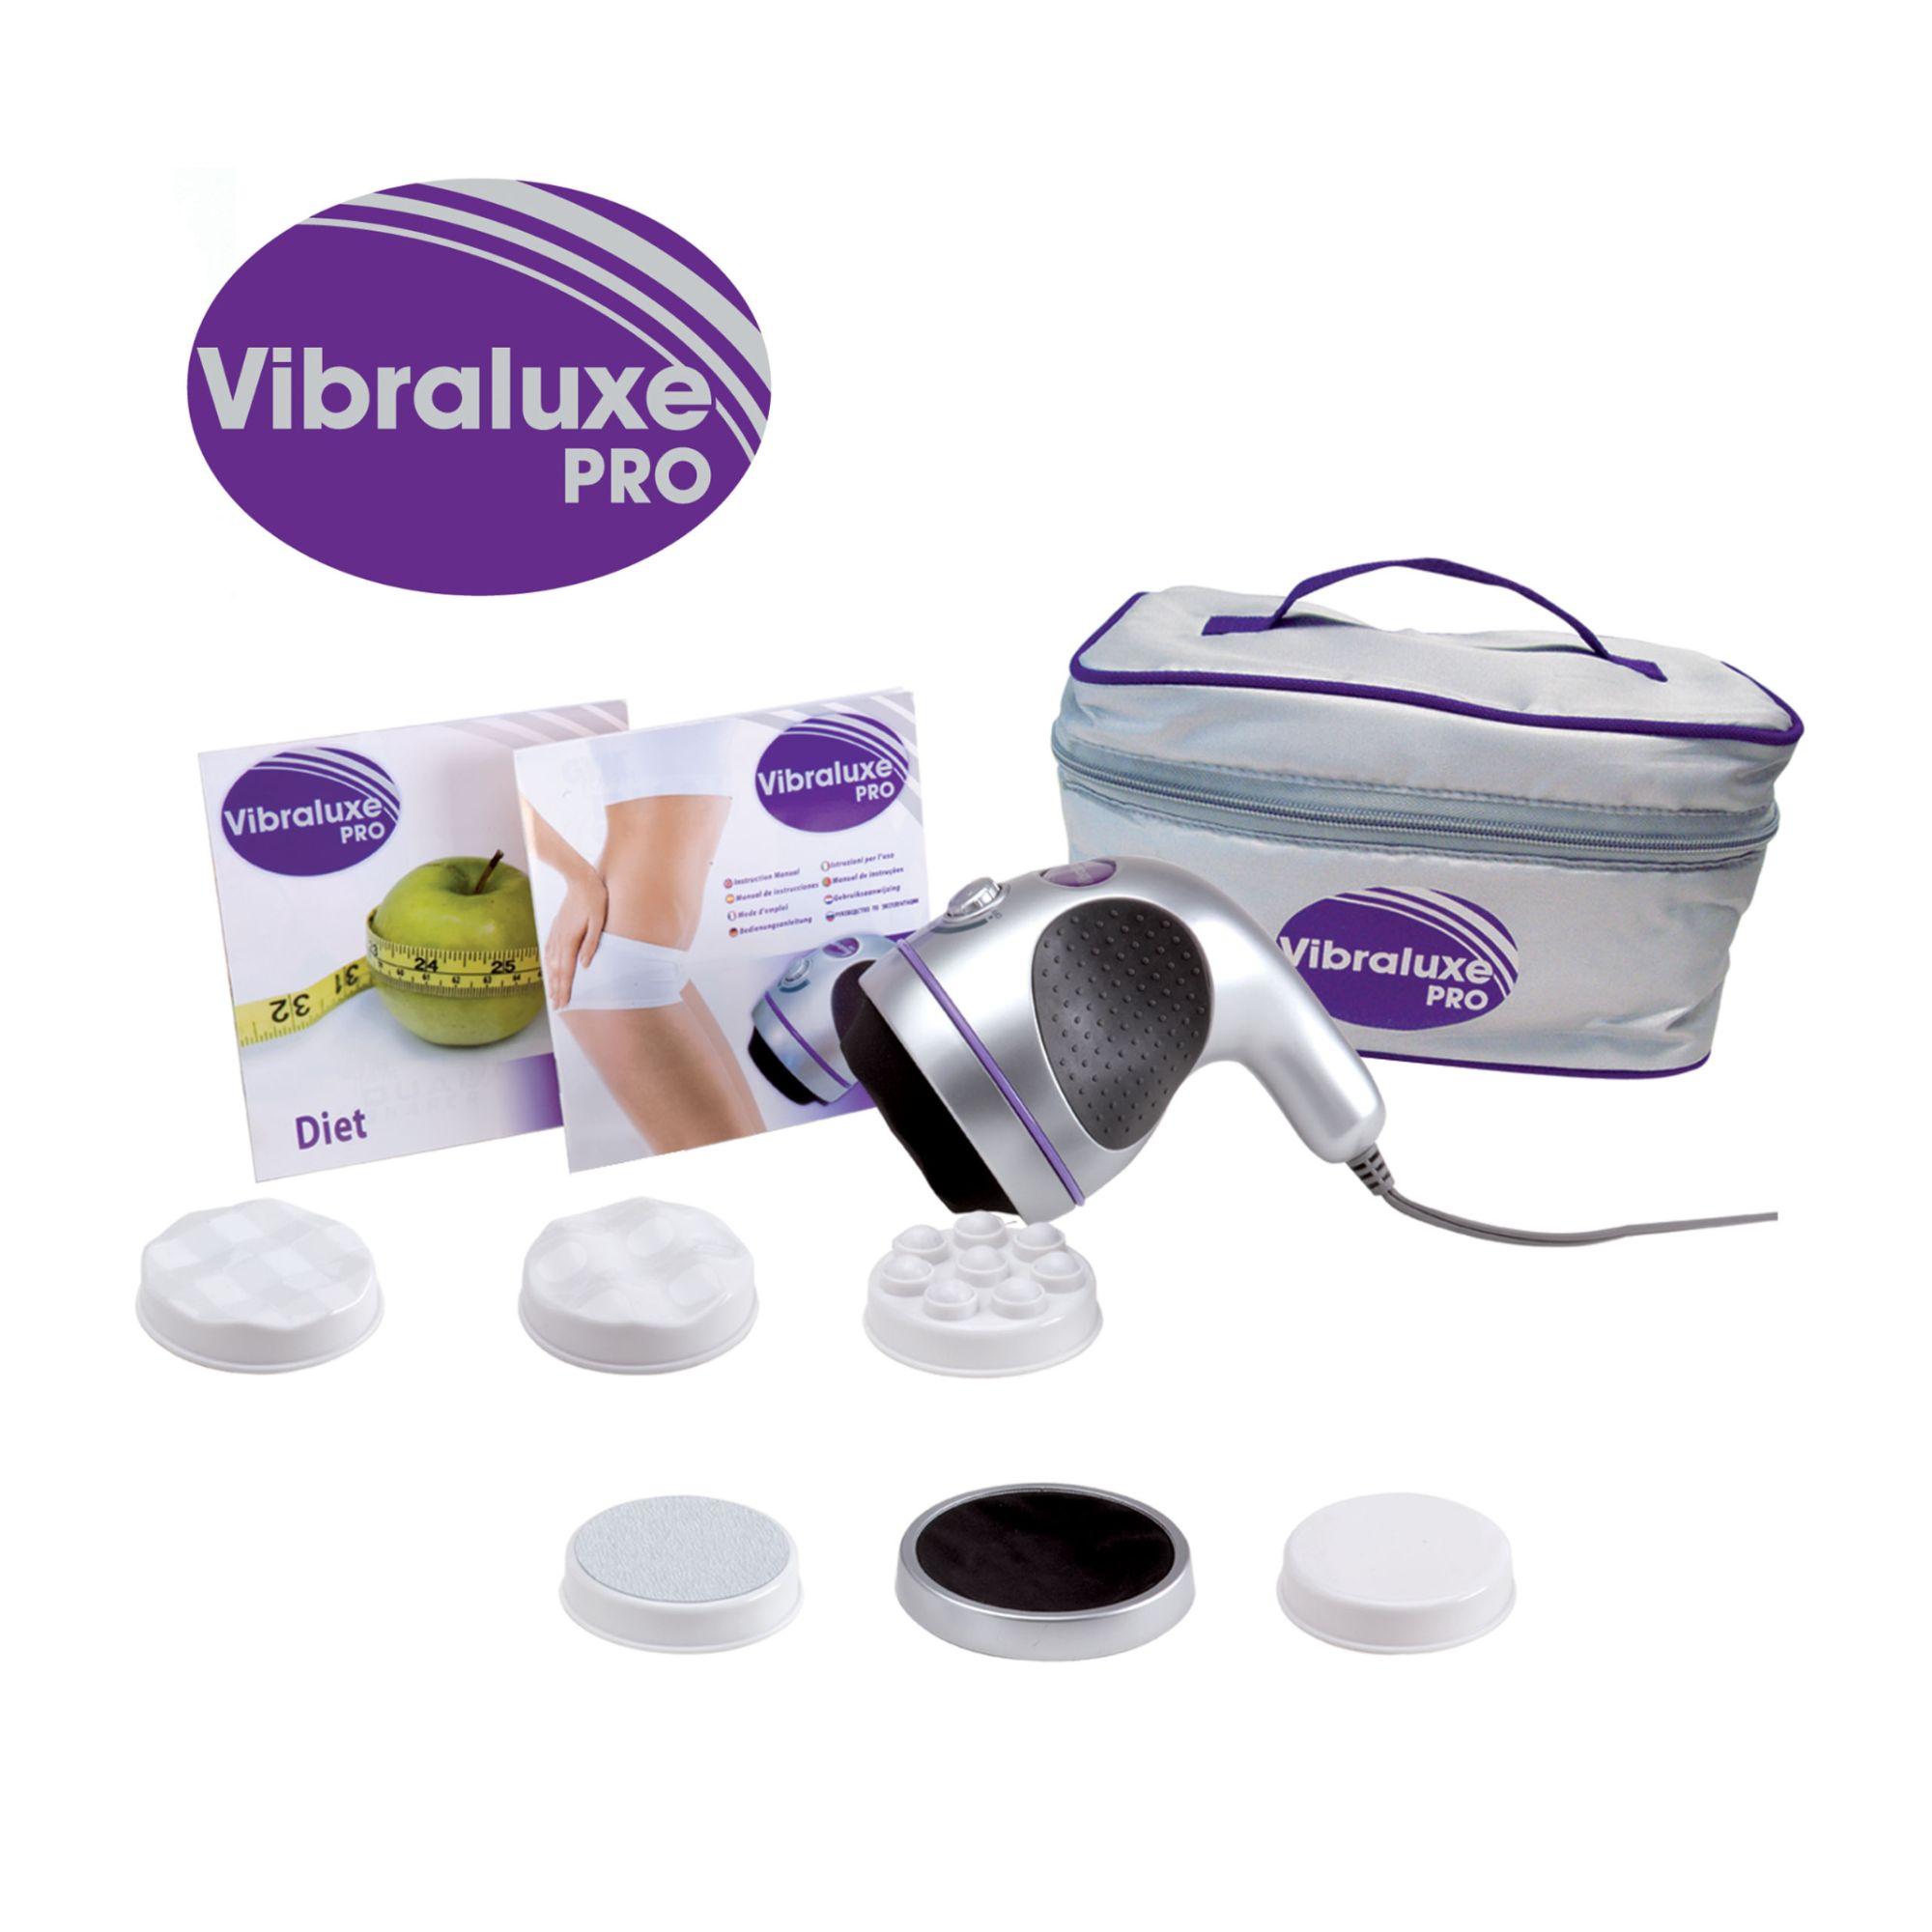 vibraluxe pro masseur electrique